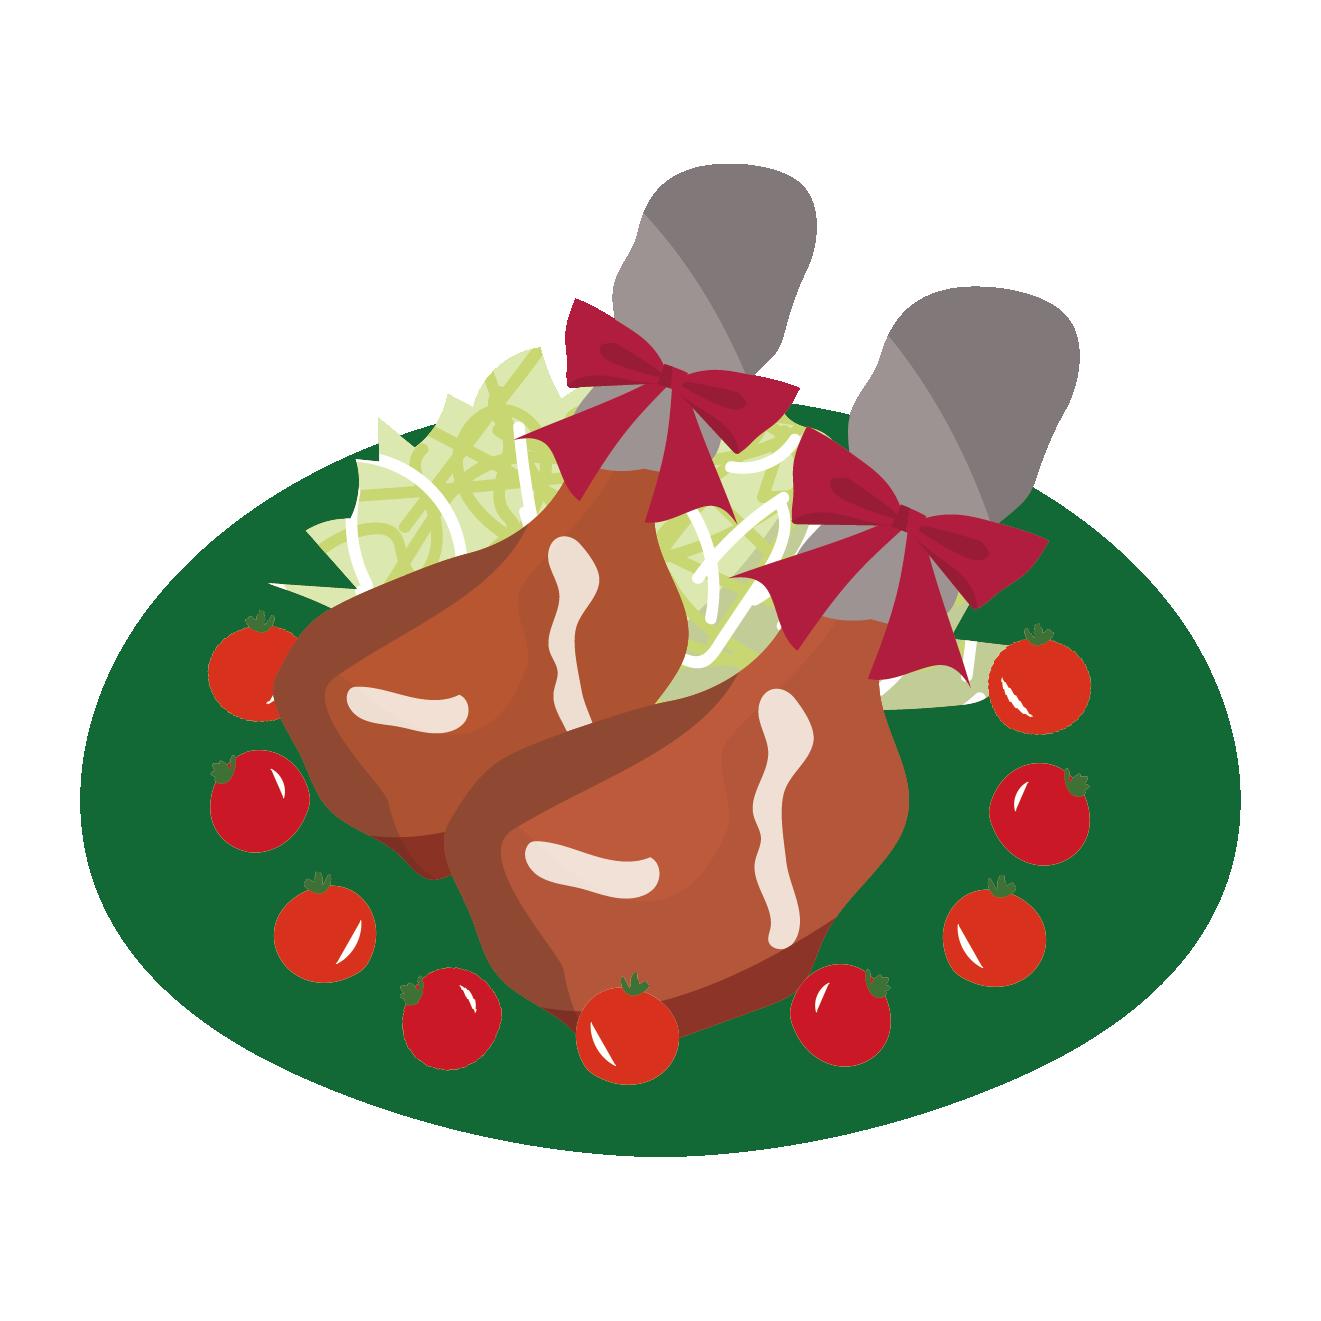 ローストチキン鶏肉のイラストクリスマスやお祝いに 商用